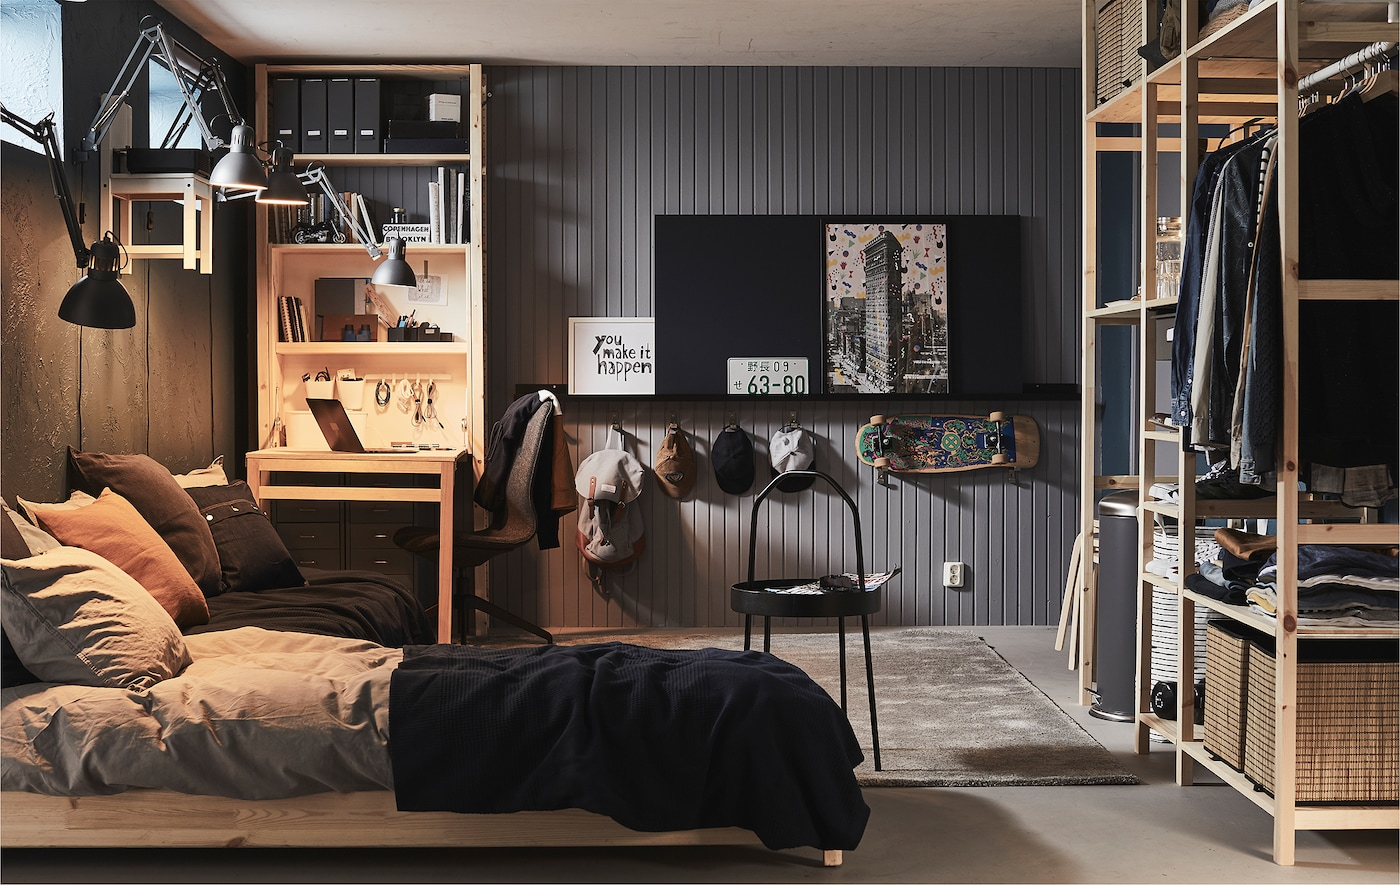 Camera da letto completamente arredata con finestre alte, come un garage o un seminterrato, con un letto, una scrivania e vari scaffali - IKEA